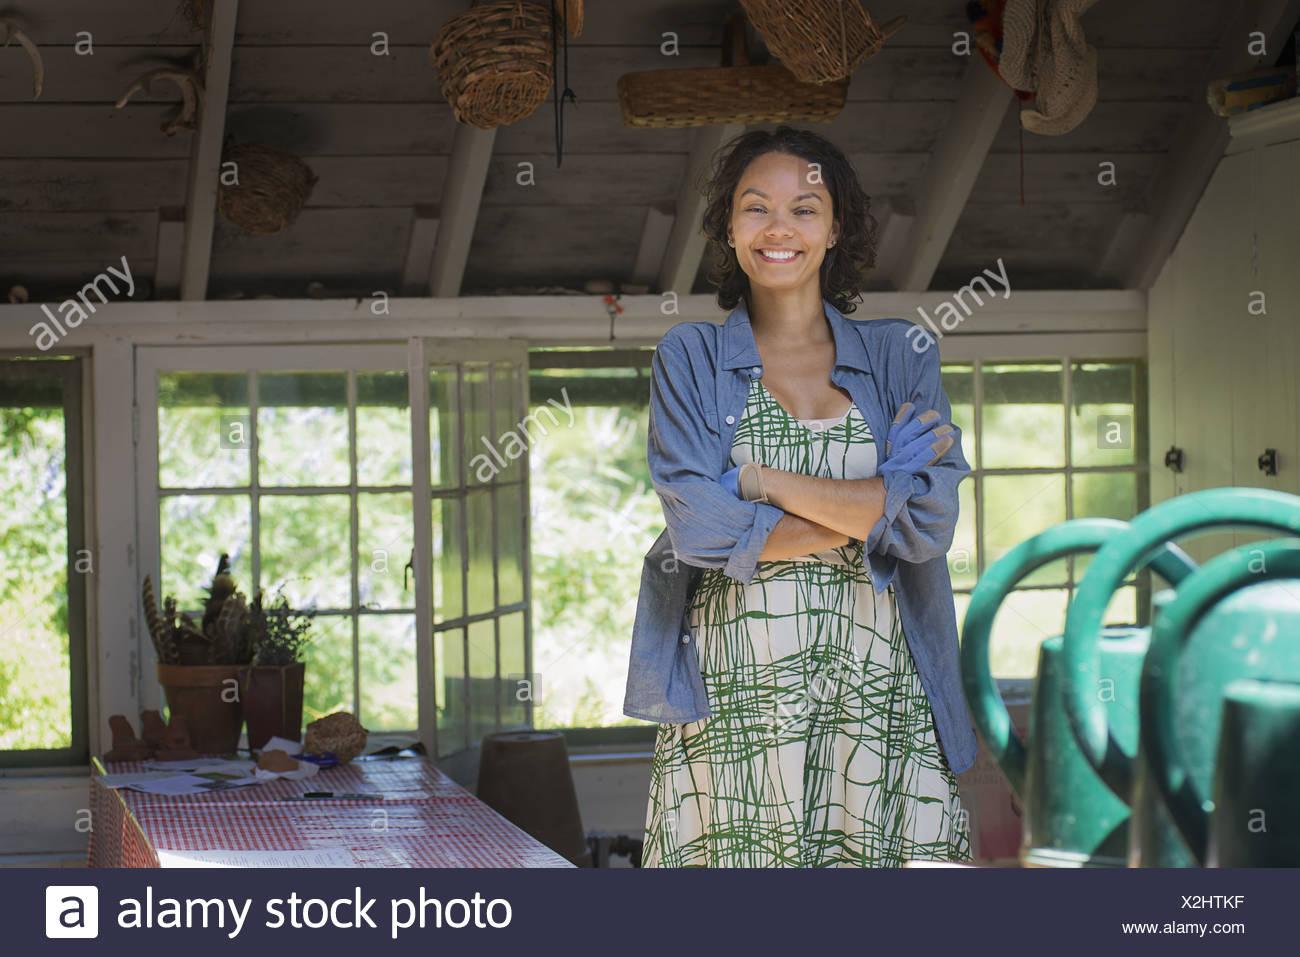 Lo stato di New York STATI UNITI D'AMERICA giovane donna agriturismo cucina con grandi finestre Immagini Stock